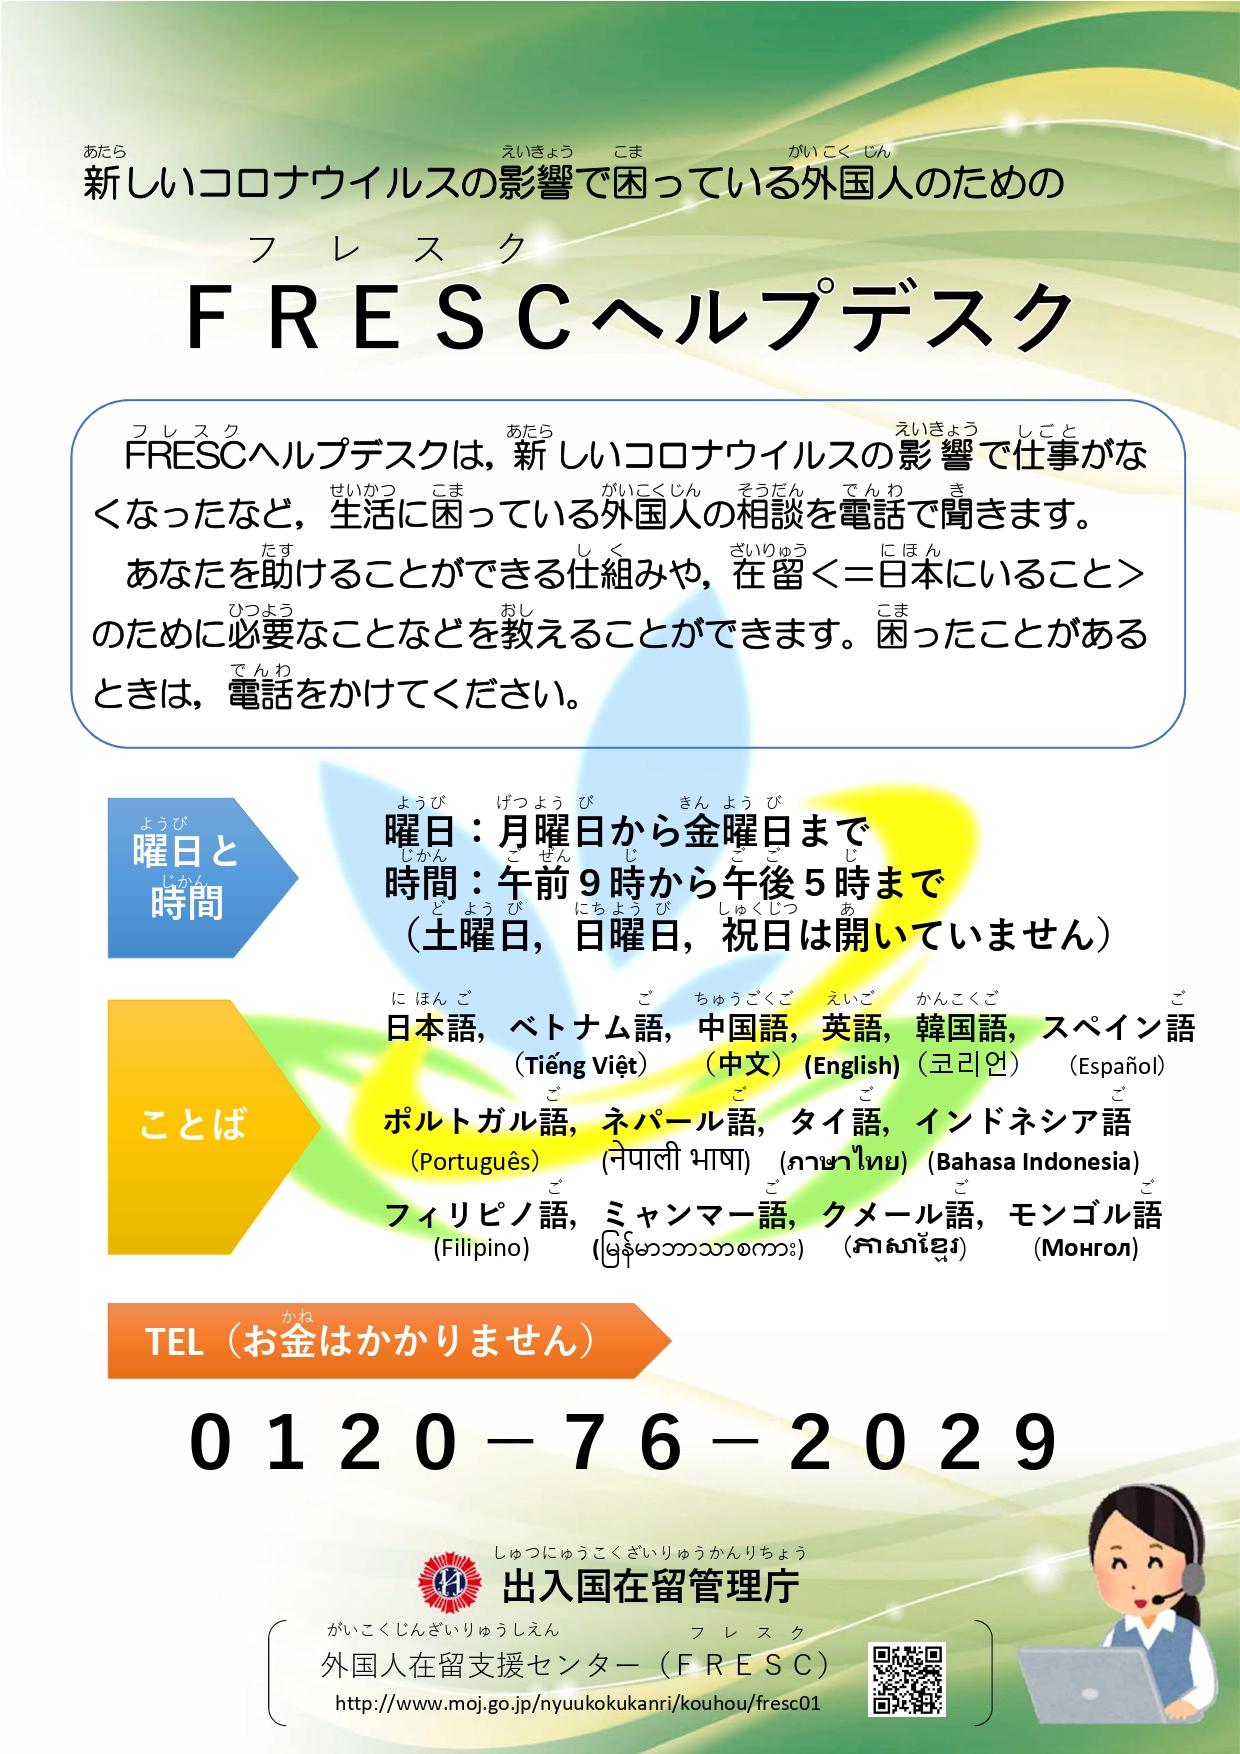 「外国人在留支援センター(FRESC)」